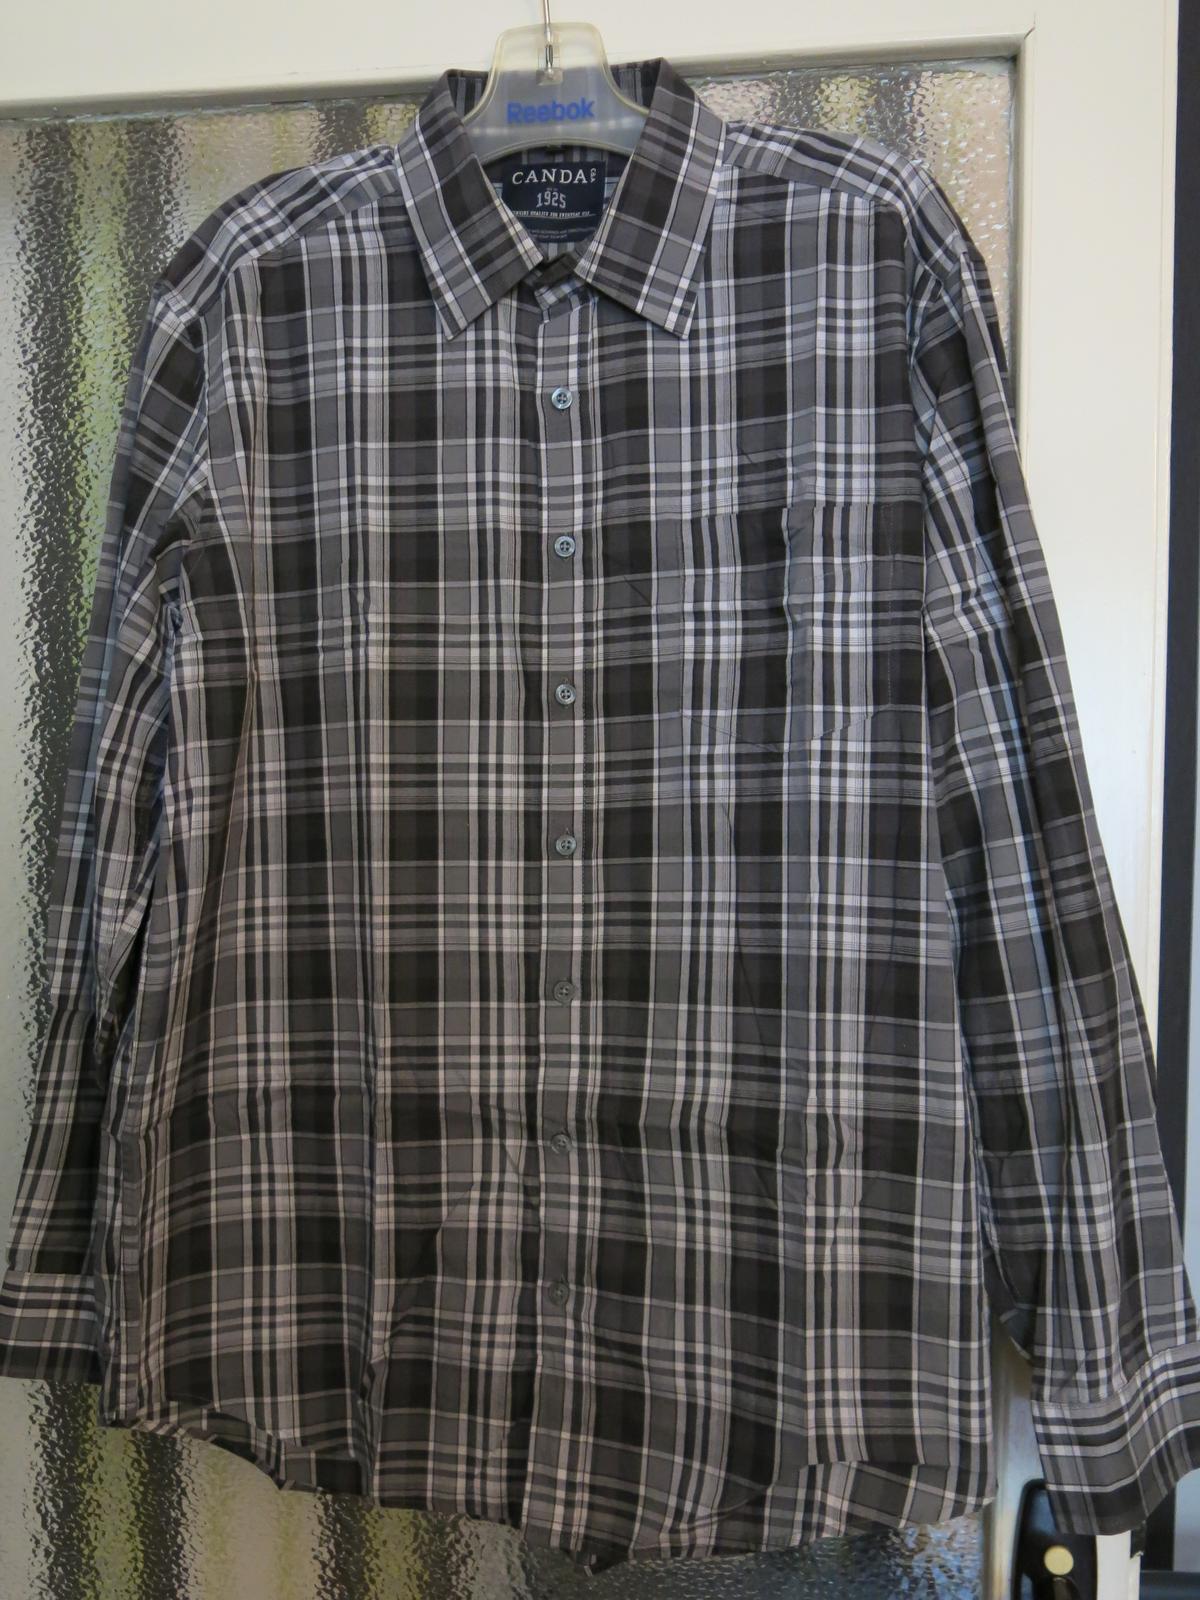 pánská košile dlouhý rukáv - Obrázek č. 1